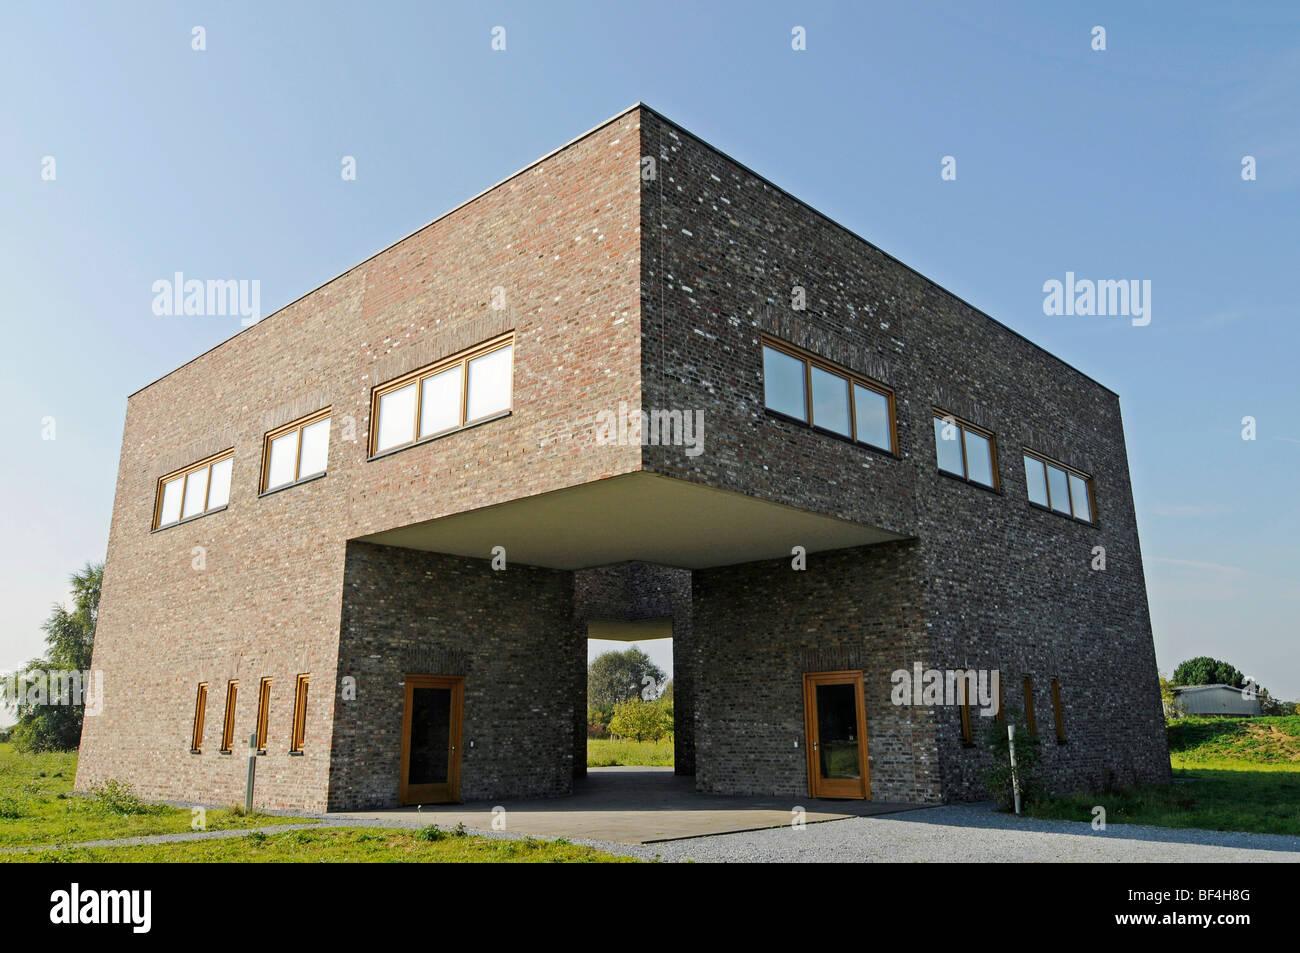 Architekt Neuss moderne architektur bauen ehemaligen raketen basis kunstmuseum